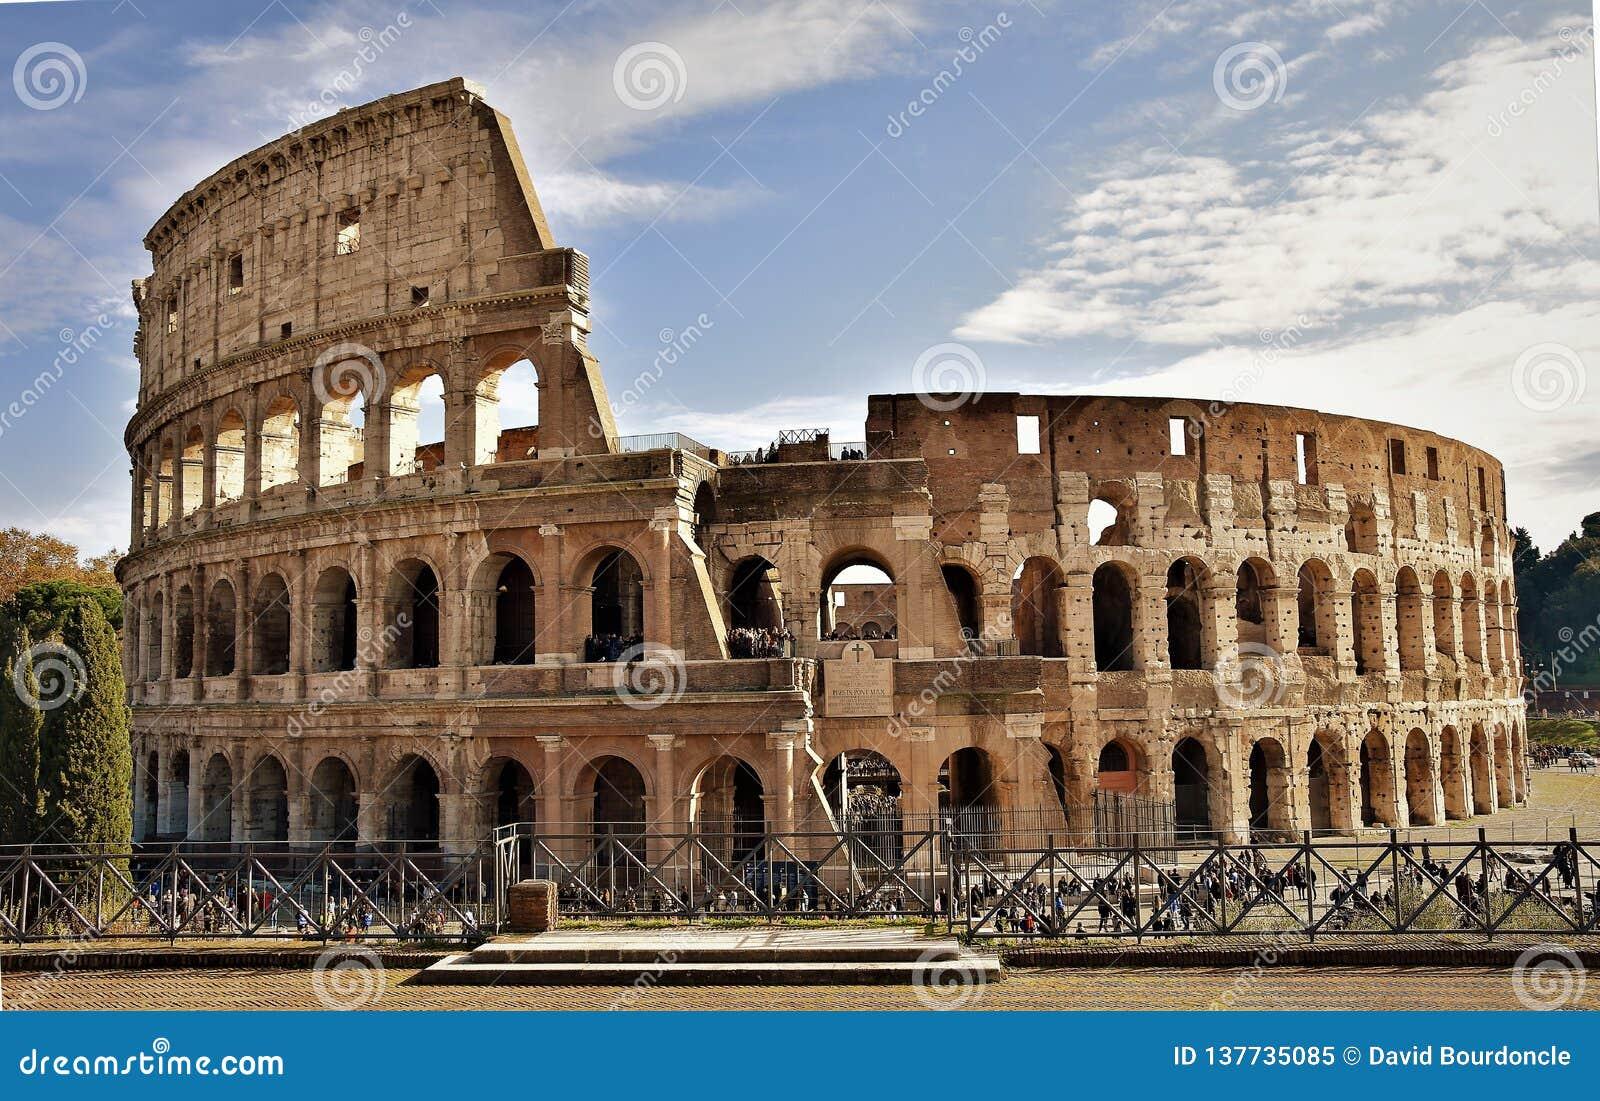 Il colosseo romano, Italia